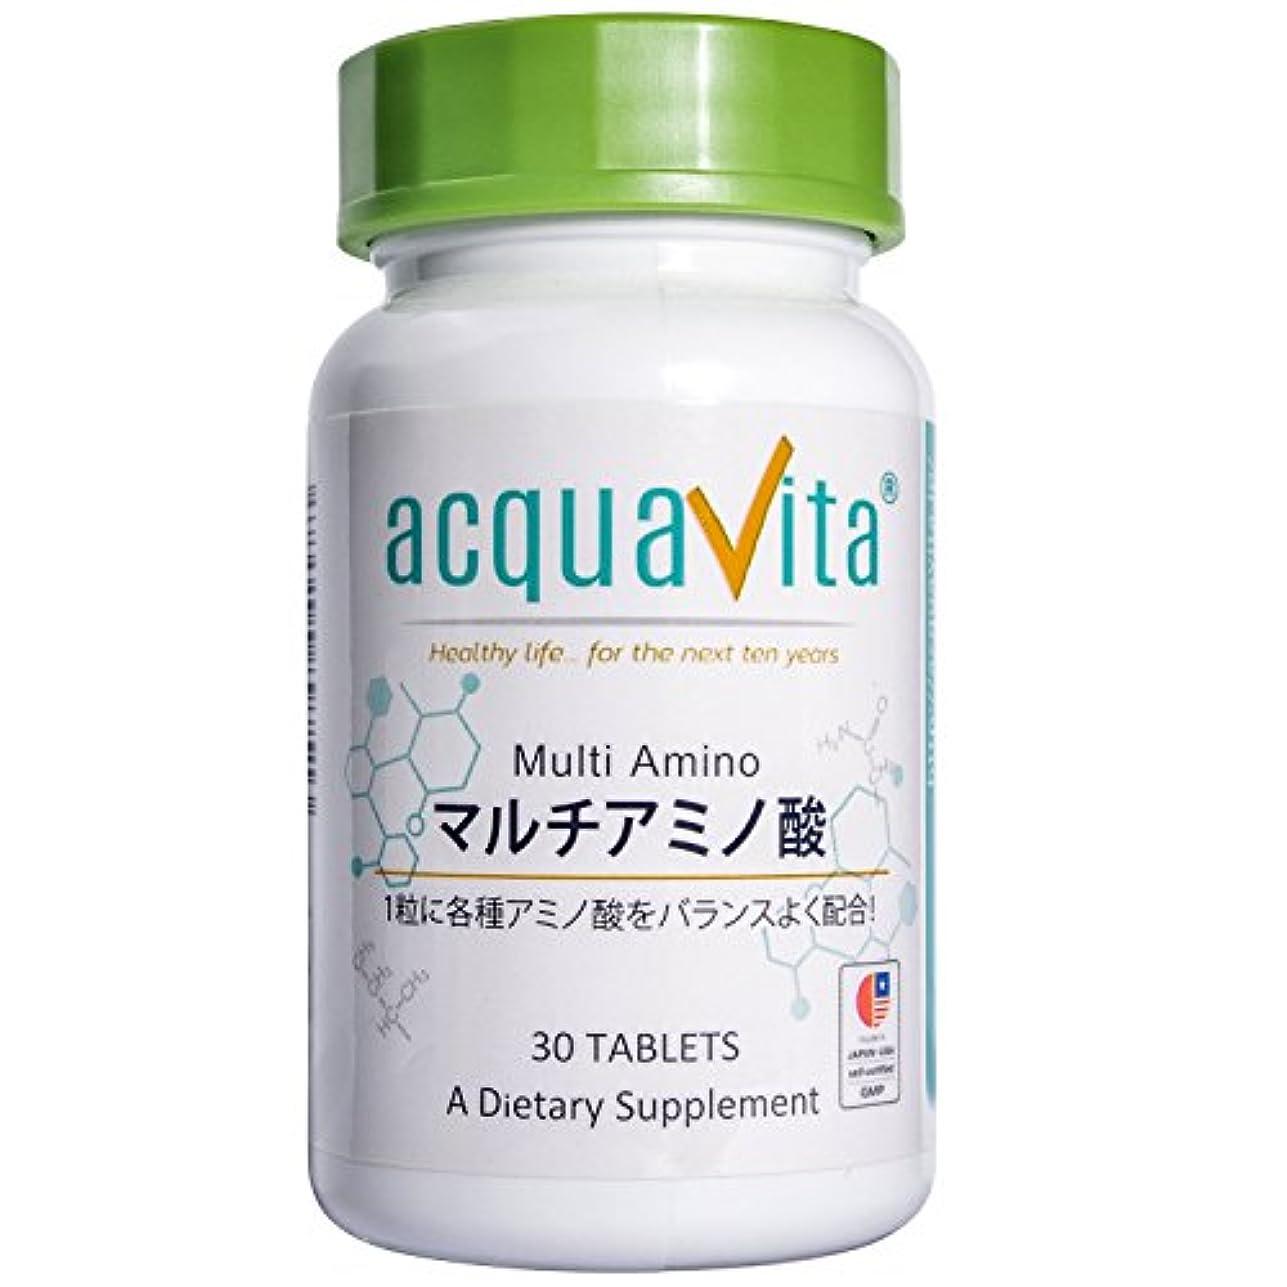 哲学可能より良いacquavita(アクアヴィータ) マルチアミノ酸 30粒